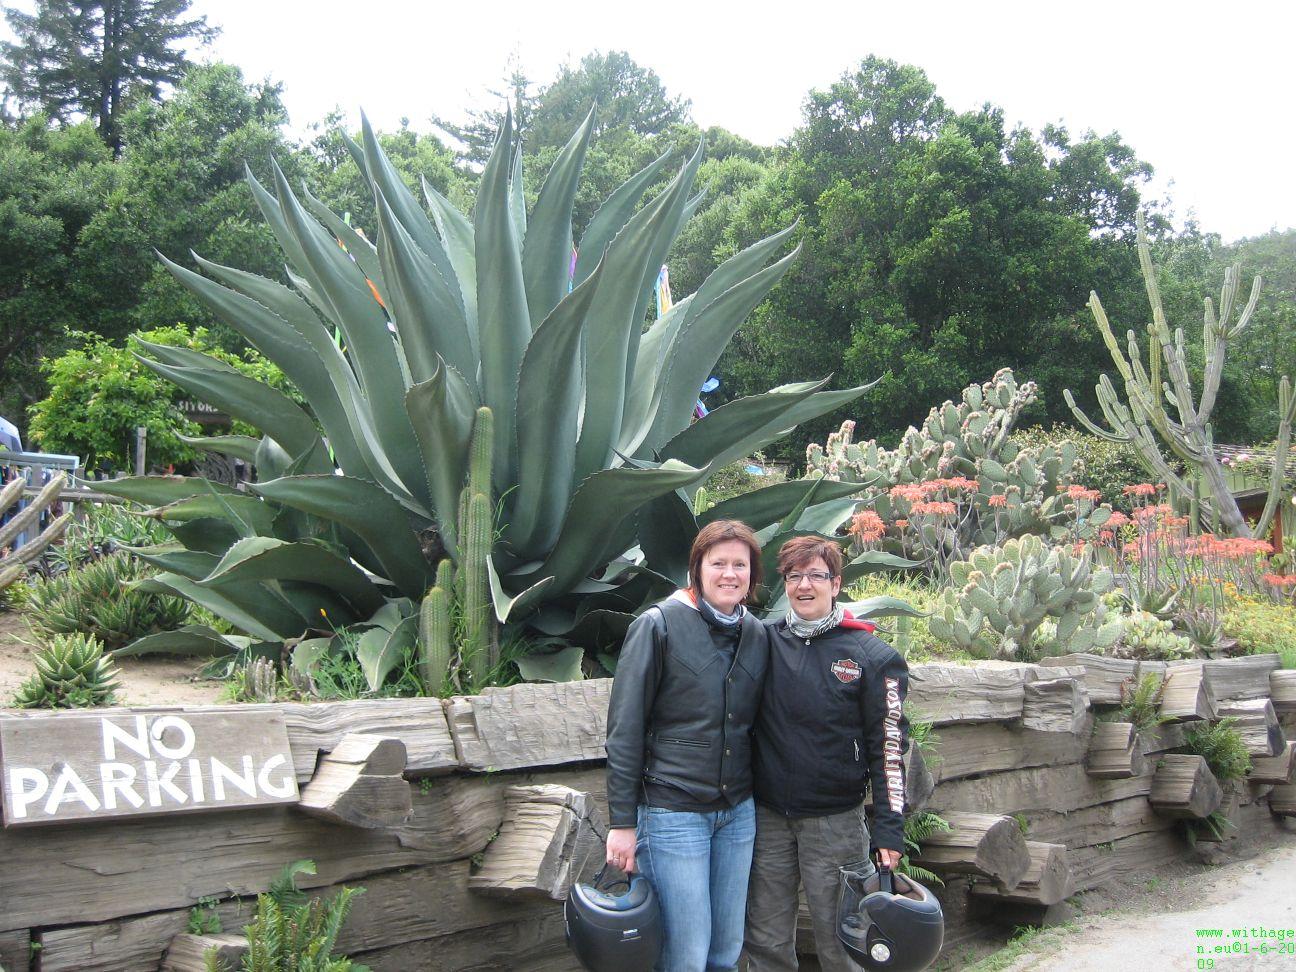 bj de tankstop bij Big Sur stonden geweldige agaves